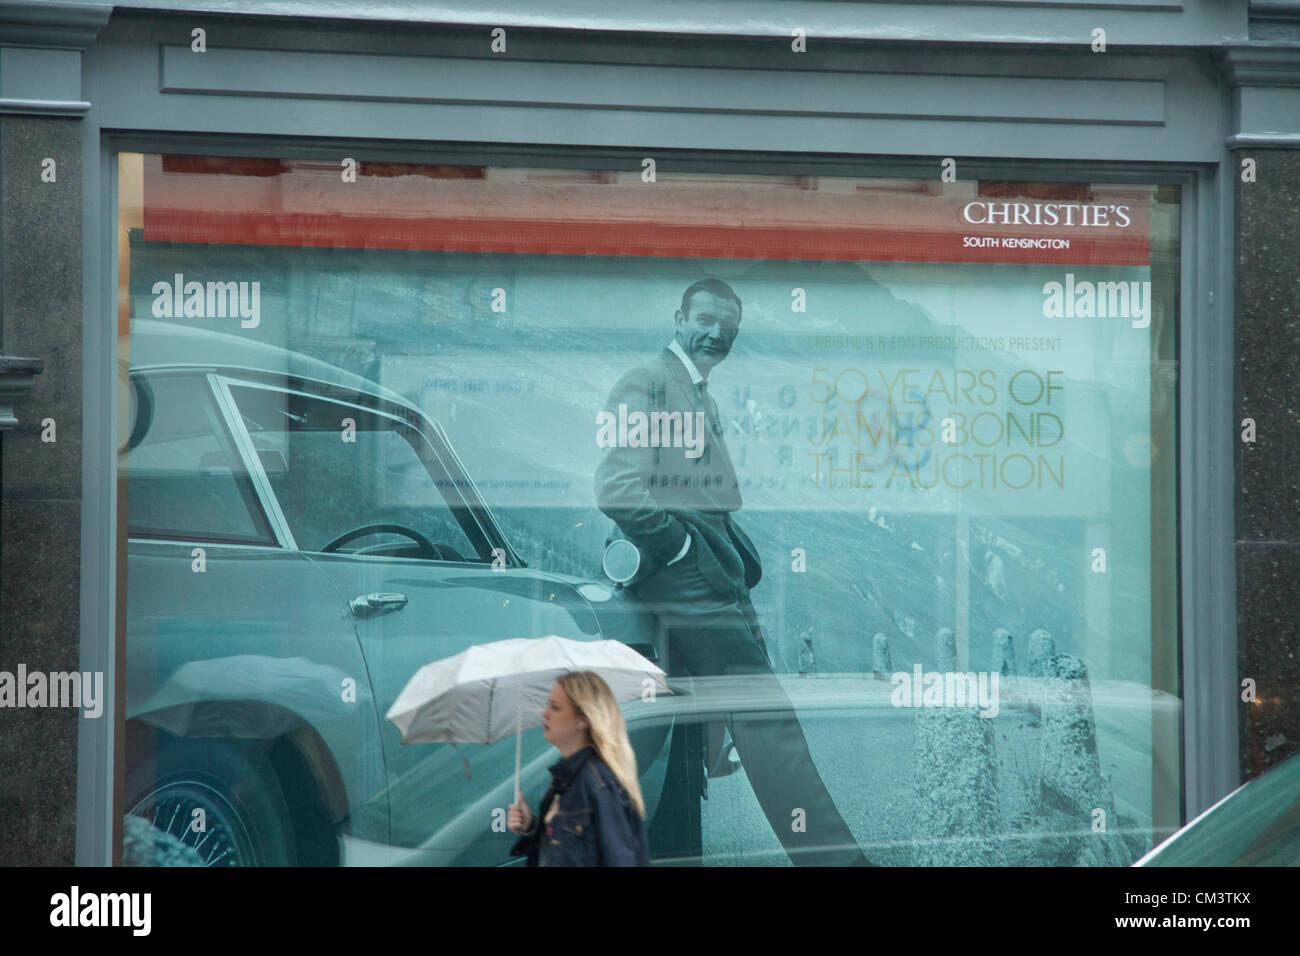 28 septembre 2012. London UK. Christie's organisent une vente aux enchères de James Bond souvenirs pour Photo Stock